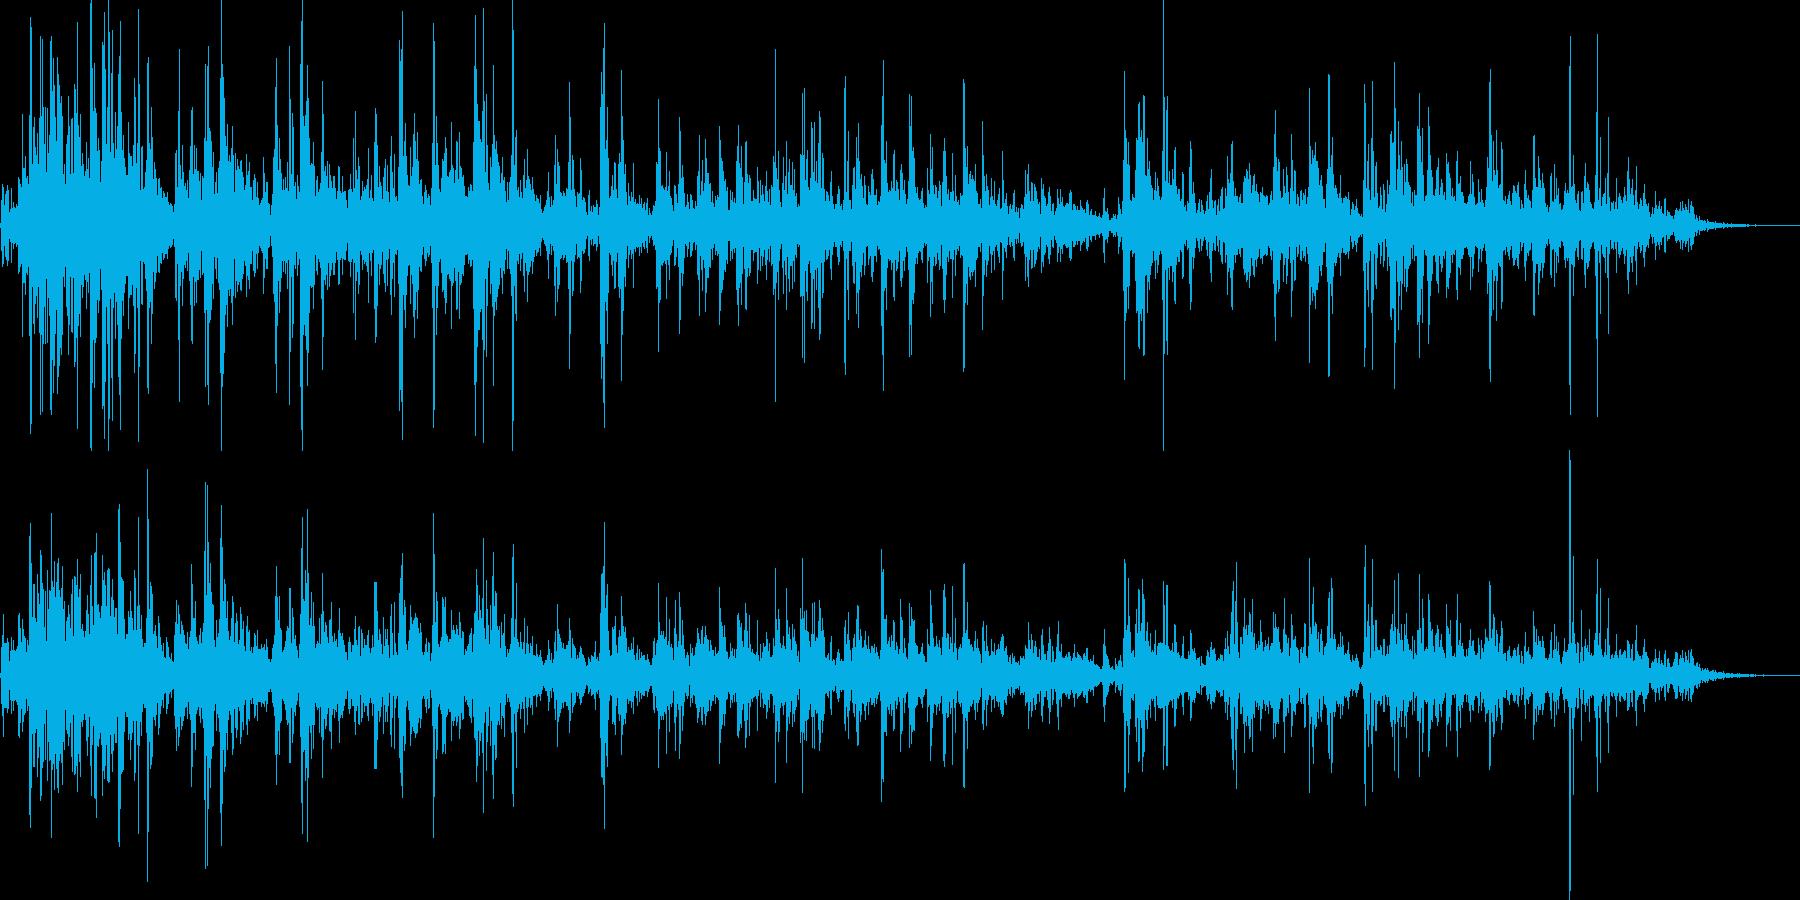 ぶくぶく03の再生済みの波形